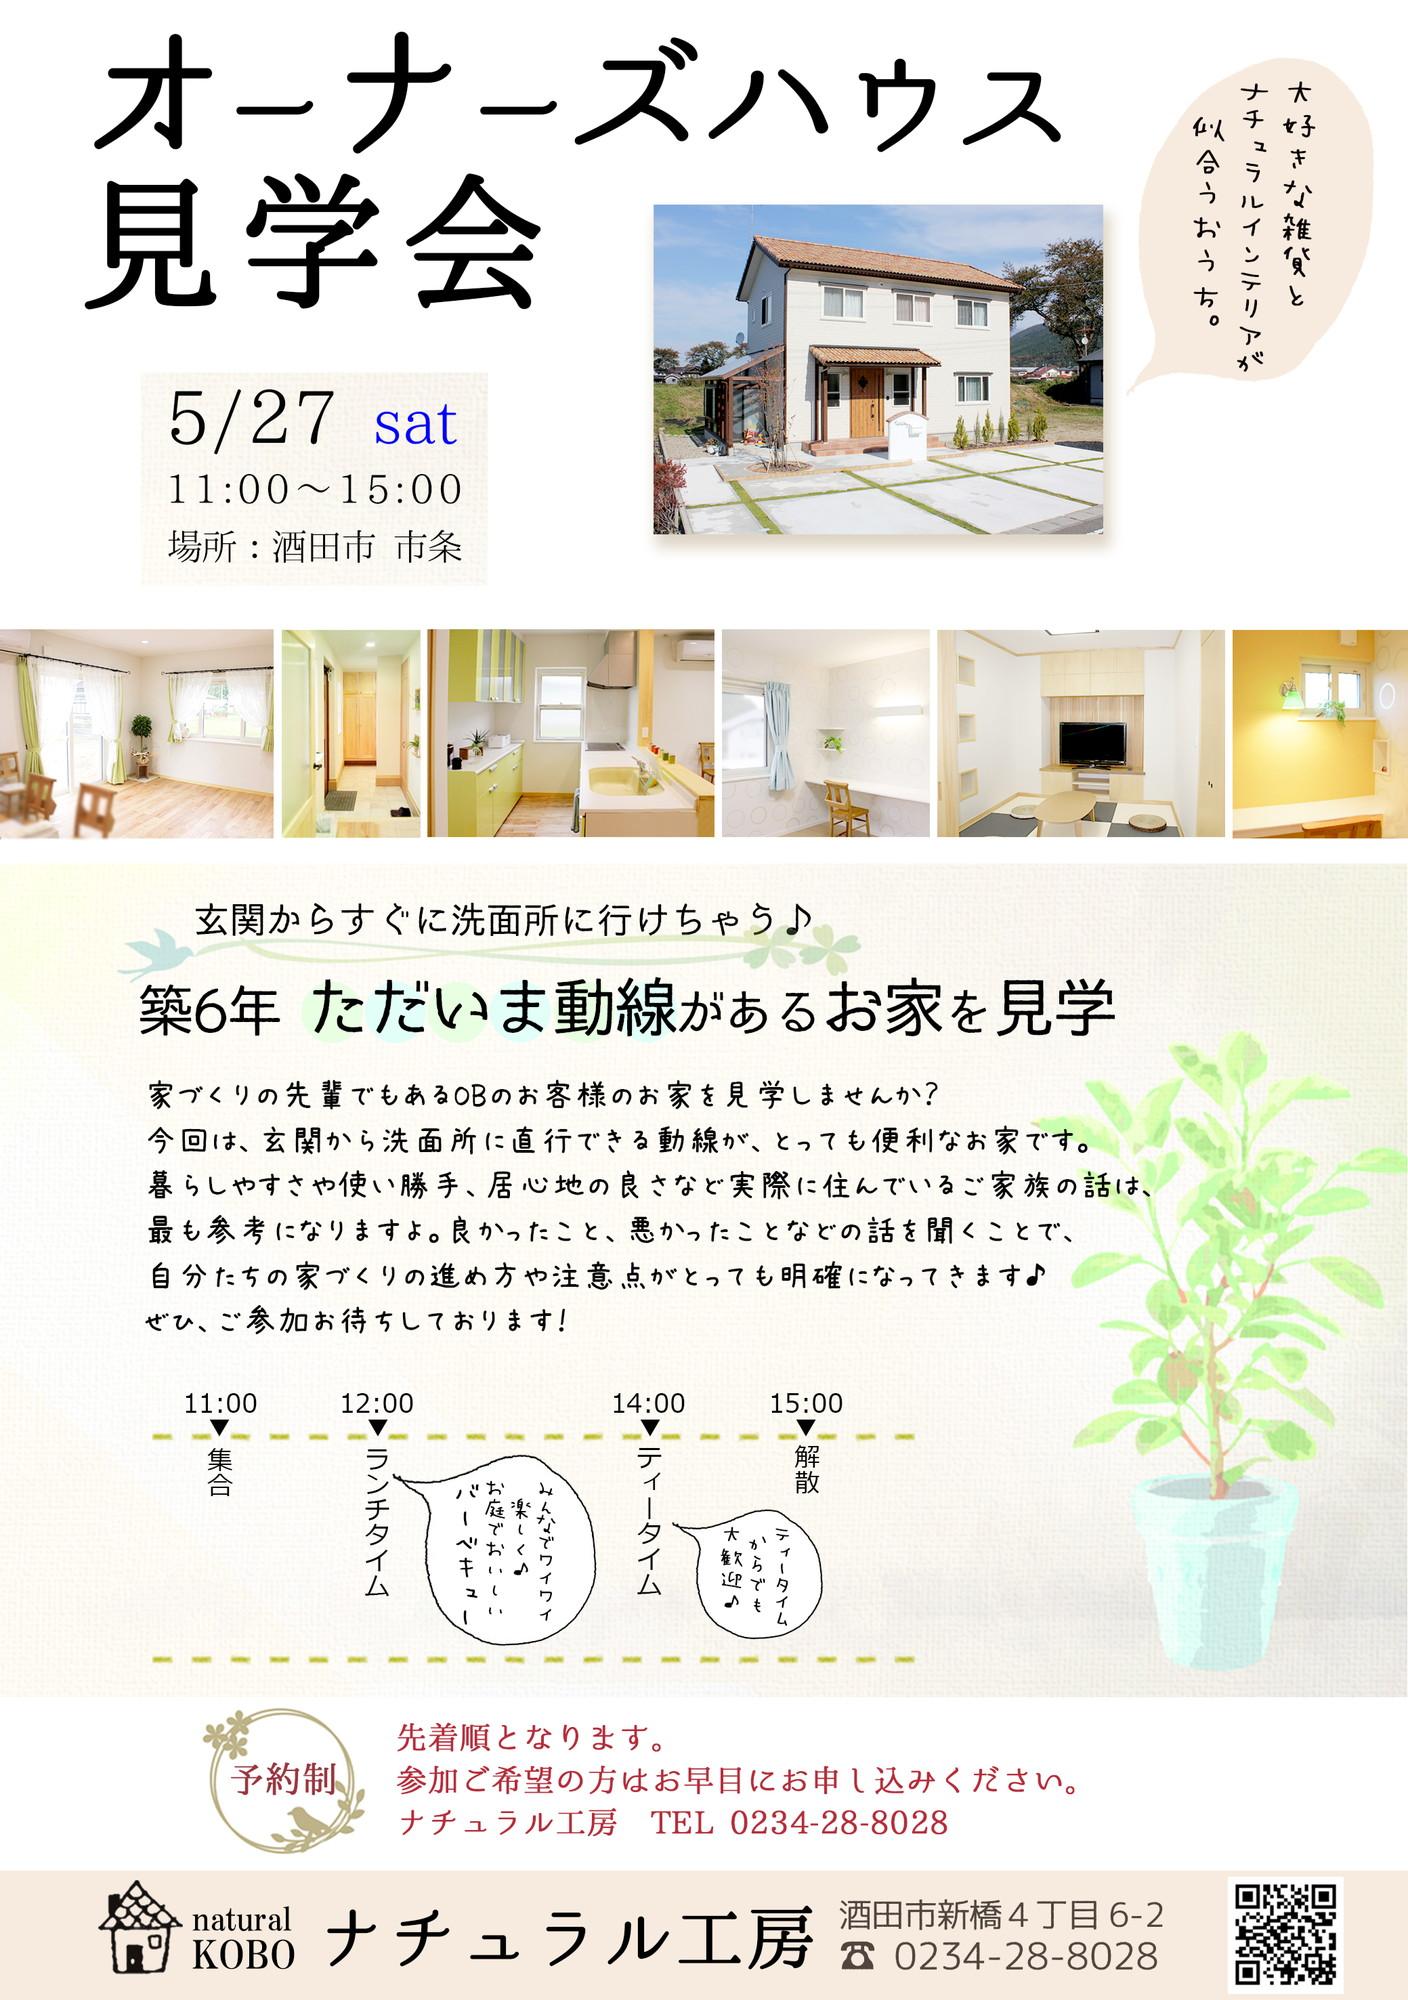 オーナーズハウス見学会チラシ(0527)